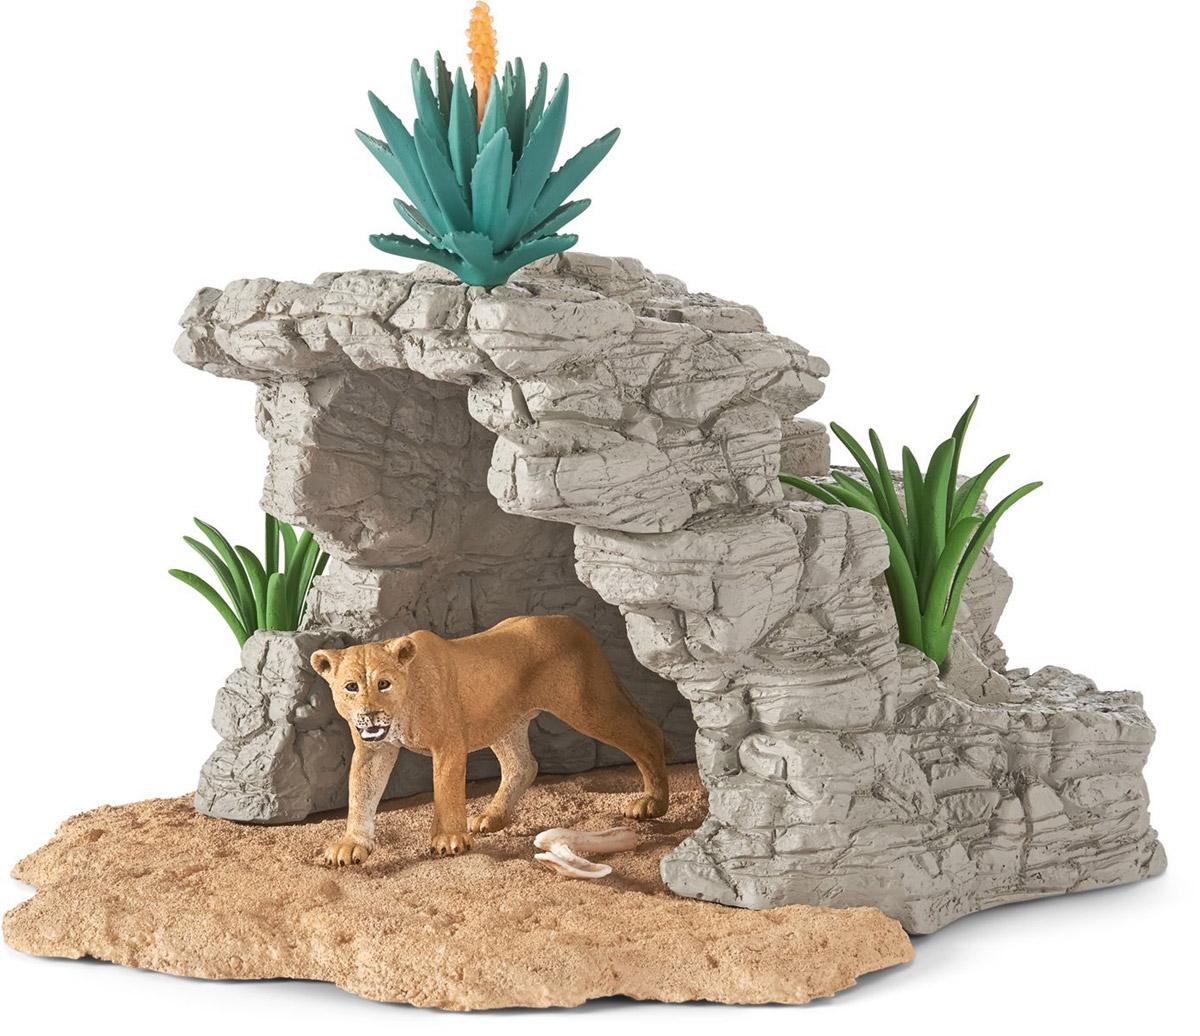 Schleich Игровой набор Пещера со львом42256Игровой набор Schleich Пещера со львом - восхитительный набор, который произведет впечатление на каждого и ребенка и увлекающегося коллекционера. В набор входят: пещера, лев, тропические растения. Фигурки Schleich выполнены из качественного материала, который безопасен для детей. Элементы приятны на ощупь, каждая игрушка выполнена с особенной тщательностью и вниманием к деталям. Игрушки раскрашиваются вручную, имеют оригинальную текстуру. Игровой набор Schleich Пещера со львом станет прекрасным подарком для всех поклонников диких животных, с которыми будет интересно устраивать увлекательные игры и наслаждаться красочными фигурами животных.